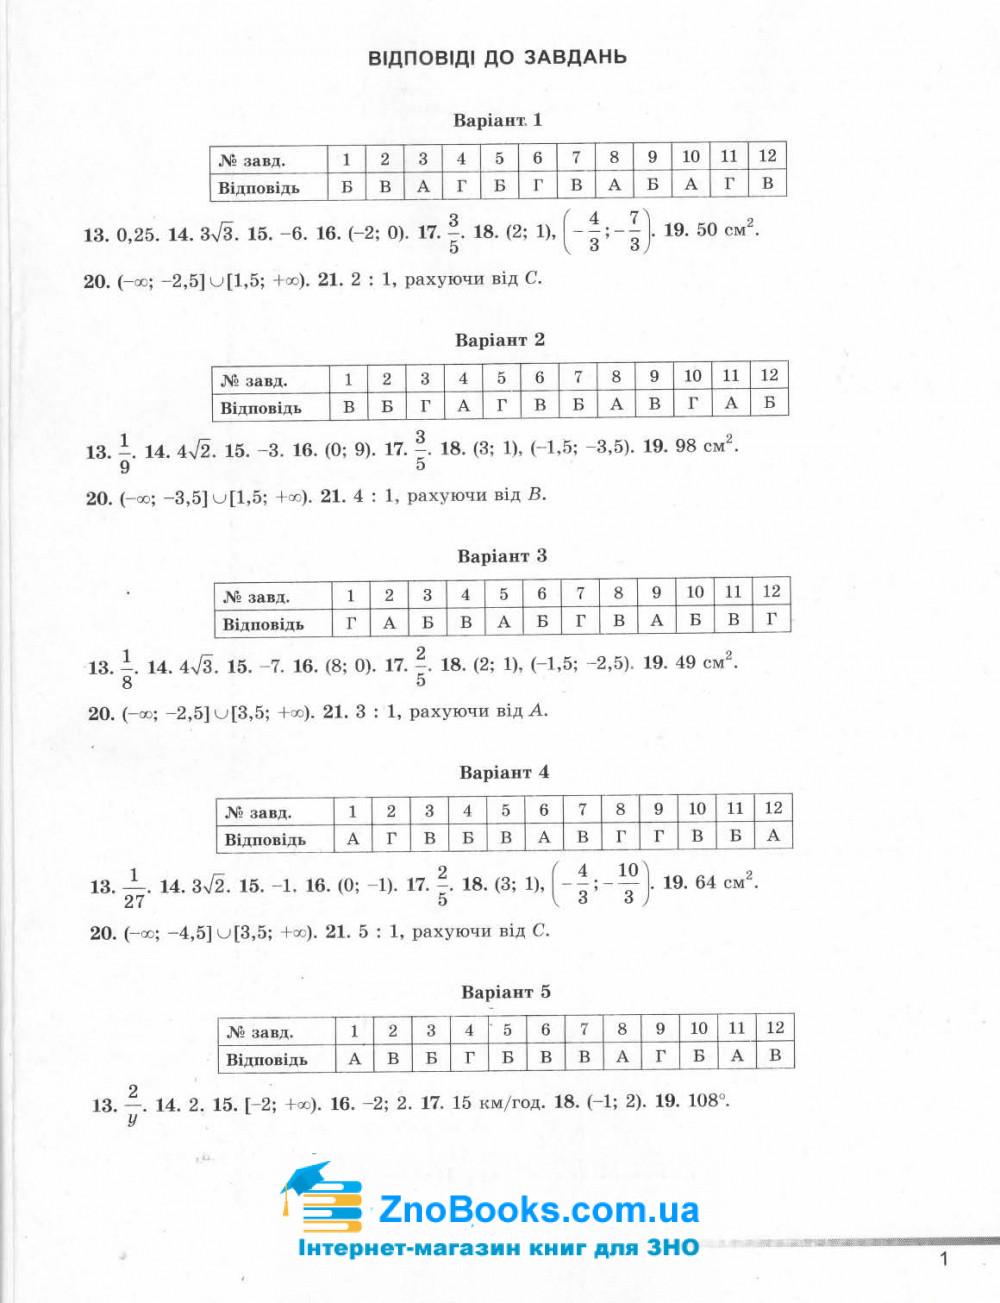 ДПА 9 клас 2021 математики. Збірник завдань + Відповіді : О. С. Істер, О. В. Єргіна.  Генеза. Купити 7